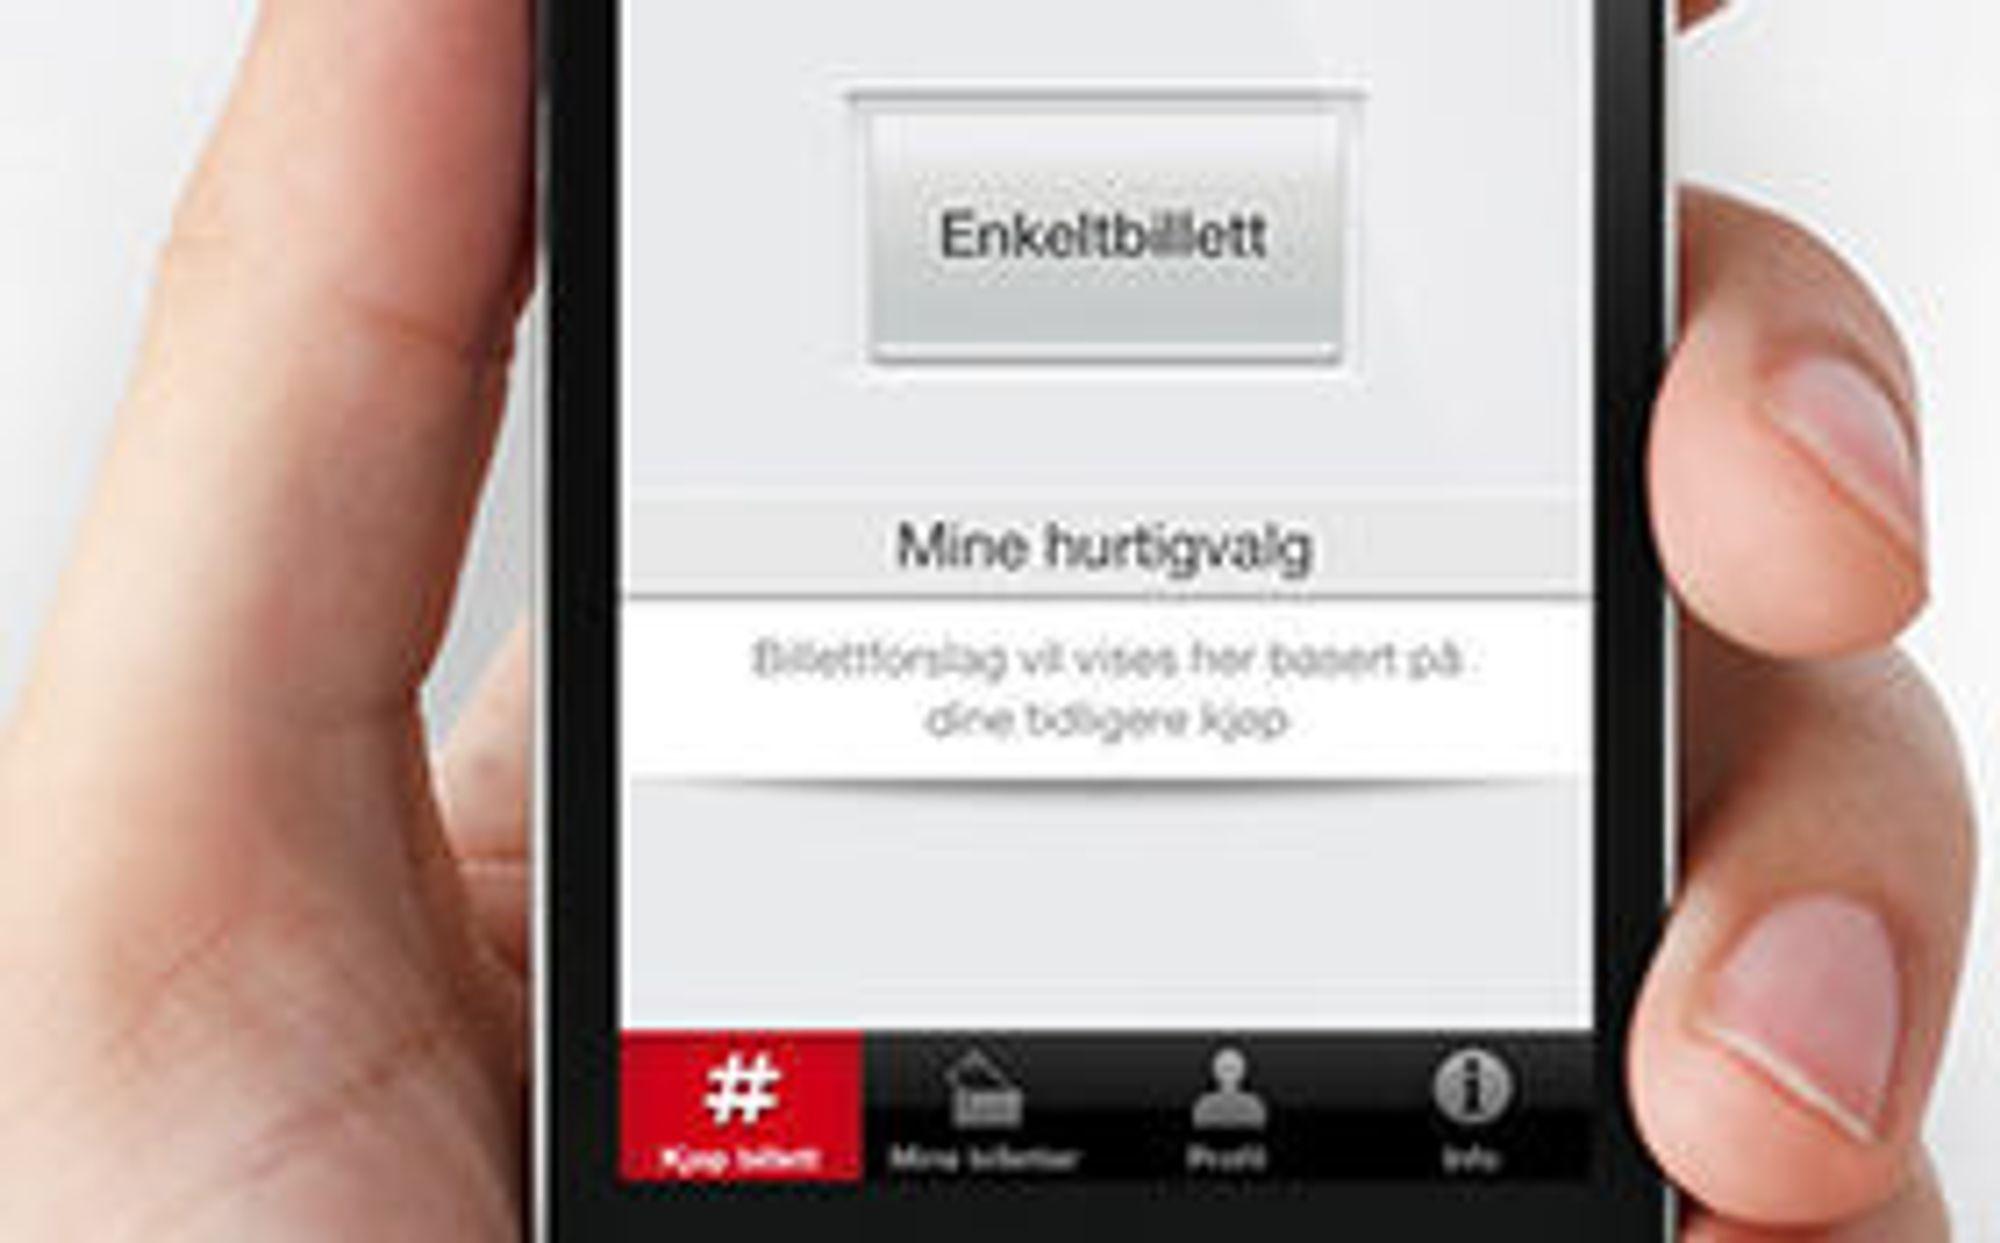 SMS-en tas stadig i bruk av nye tjenester, som her av kollektivselskapet Ruter for kjøp av elektroniske billetter.